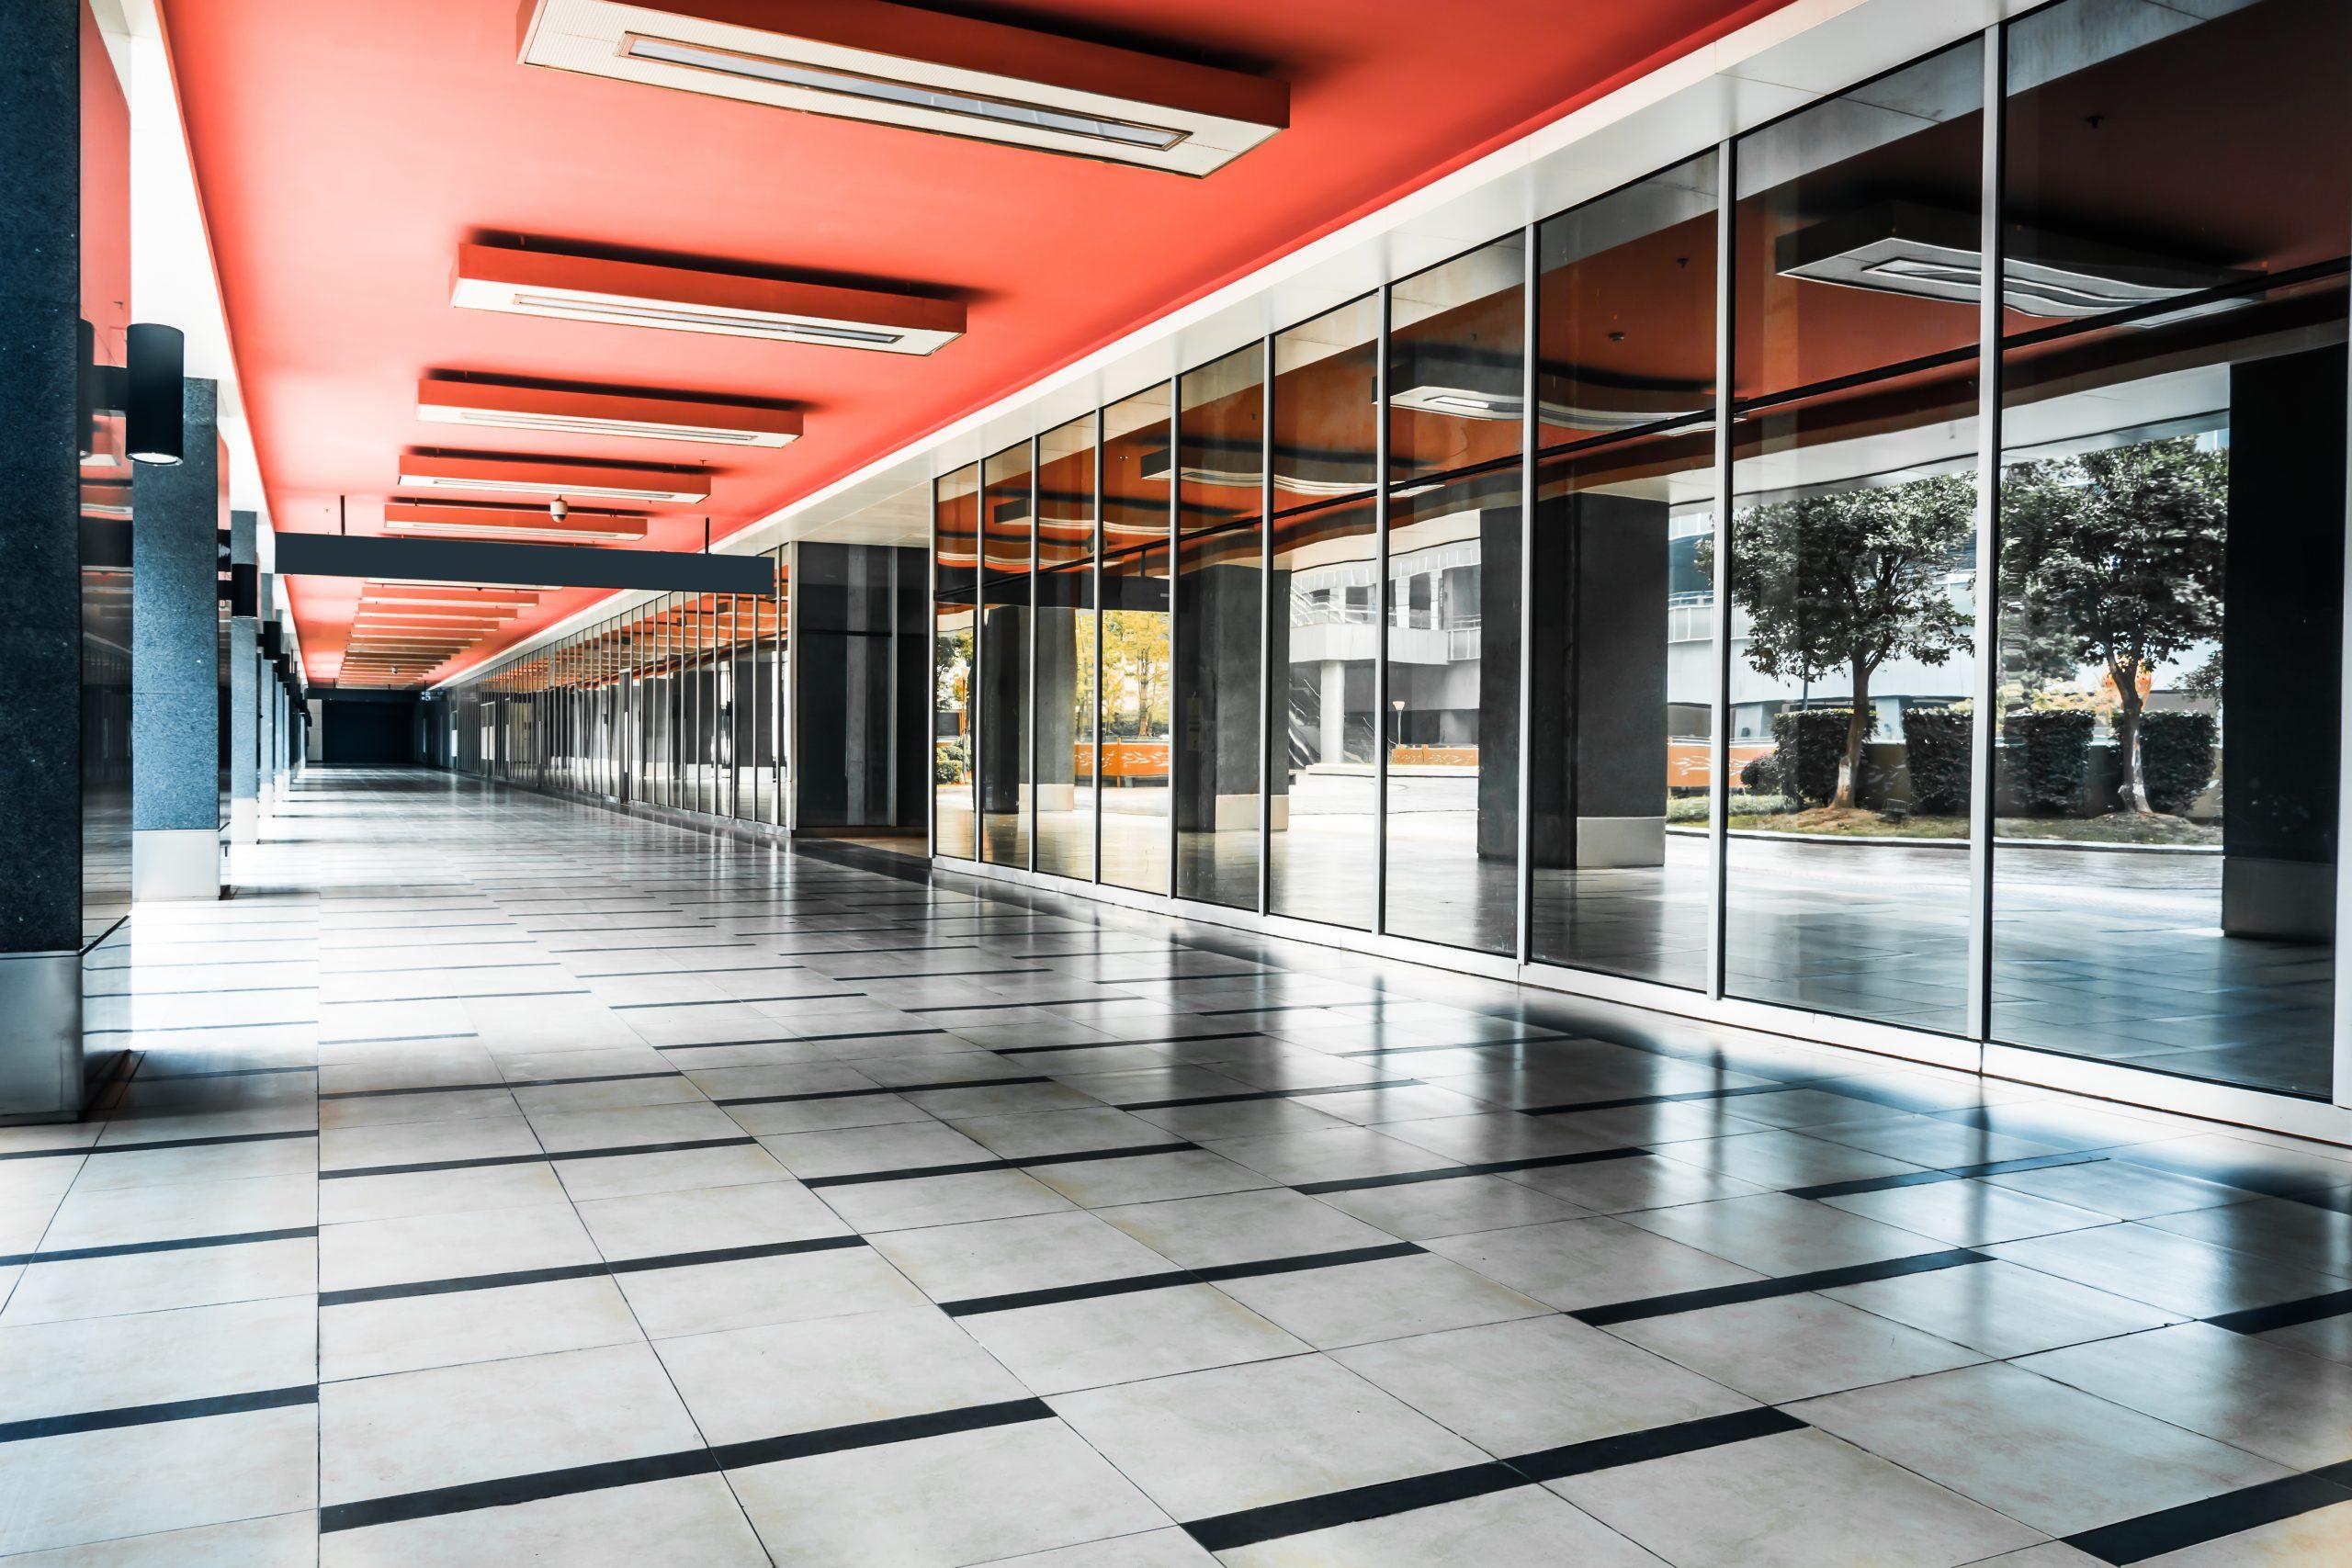 Limpieza industrial de pisos: 3 equipos infalibles y beneficios